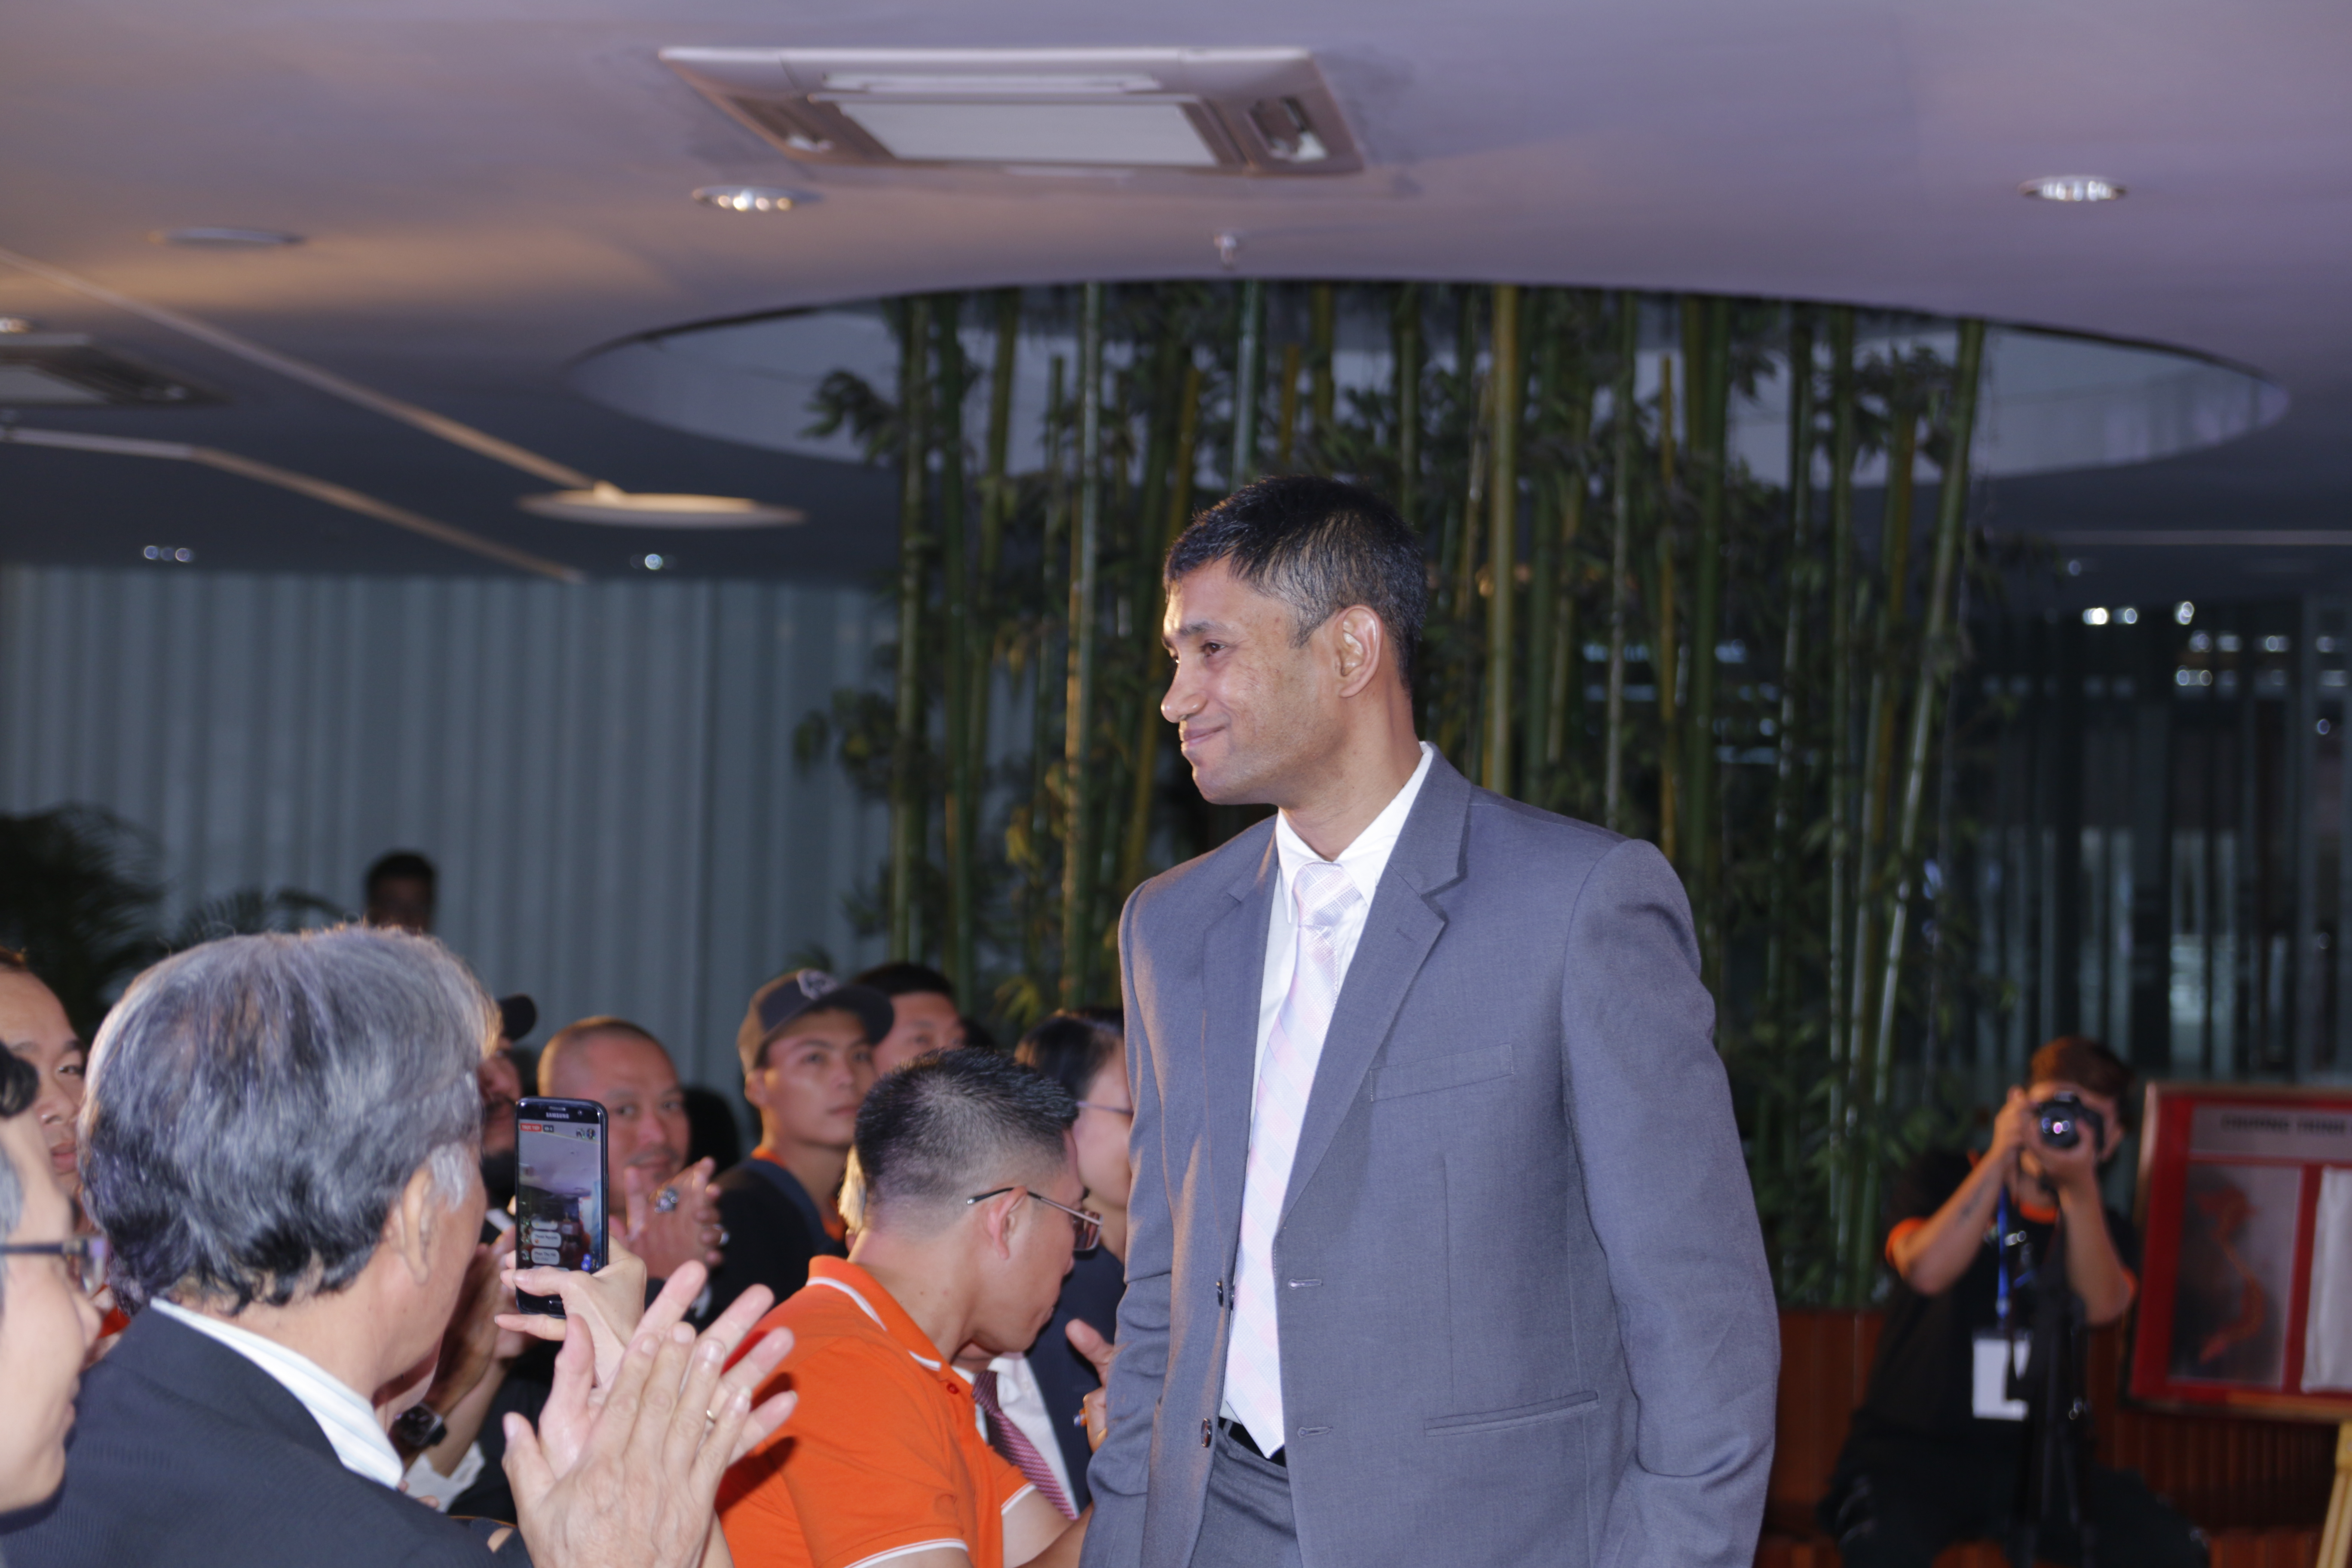 """Đặc biệt, đại diện của liên minh Kỷ lục Thế giới - ông Biswaroop Roy Chowdhury - Phó Chủ tịch Liên minh Kỷ lục Thế giới (WorldKings) đã có mặt từ sớm để trao tặng danh hiệu """"Giải chạy xuyên lãnh thổ quốc gia được tổ chức bởi doanh nghiệp có số lượng lãnh đạo và nhân viên tham gia đông nhất trên đường chạy dài nhất"""" cho chương trình """"Hành trình kết nối"""" của Tập đoàn FPT."""